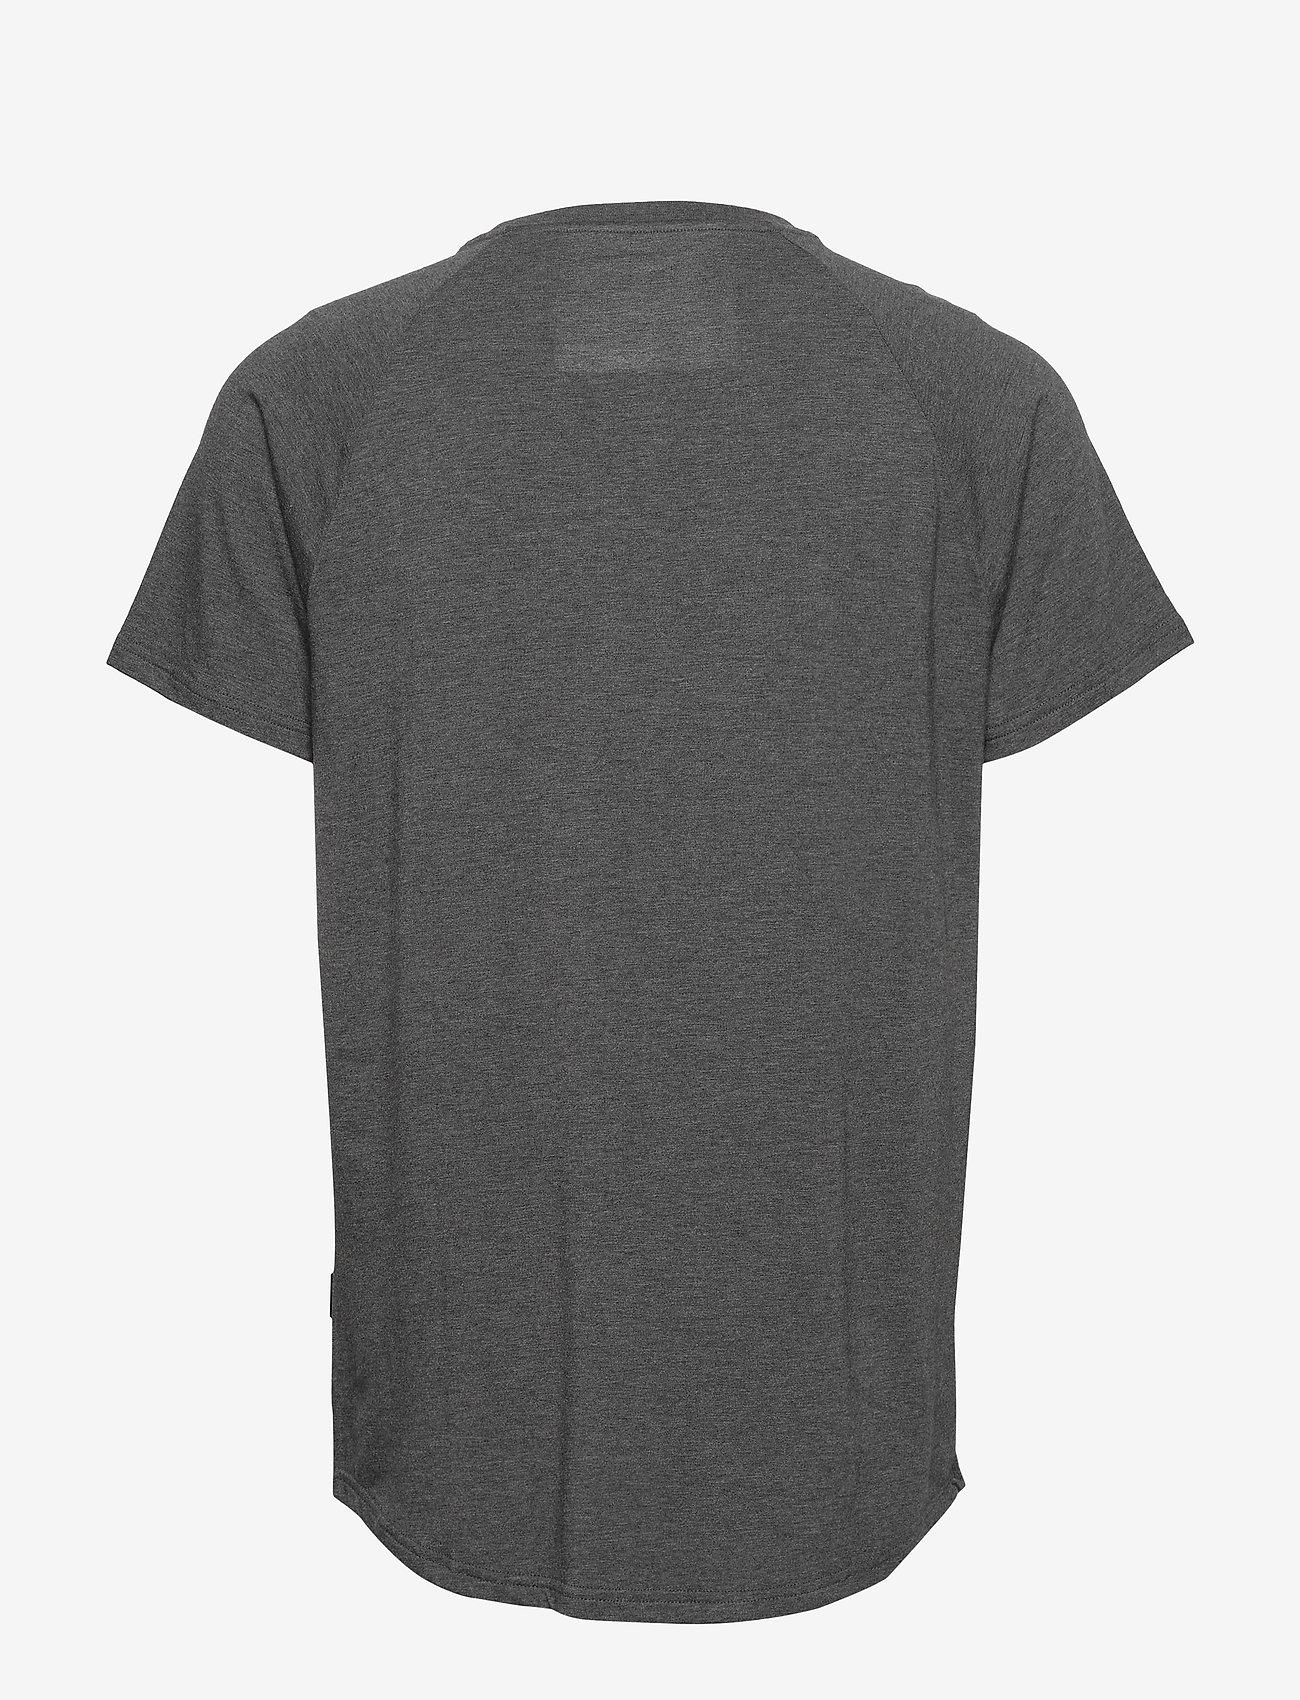 JBS of Denmark JBS of Denmark t-shirt w/print - T-skjorter DARK GRAY - Menn Klær